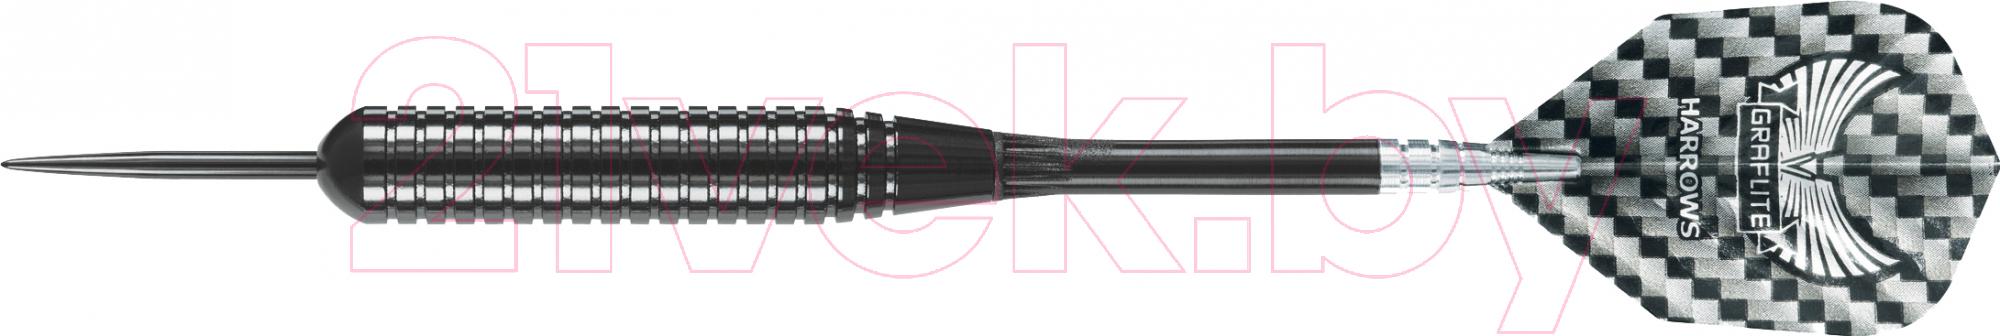 Купить Дротики для дартса Harrows, Black Arrow 3x26gR, Великобритания